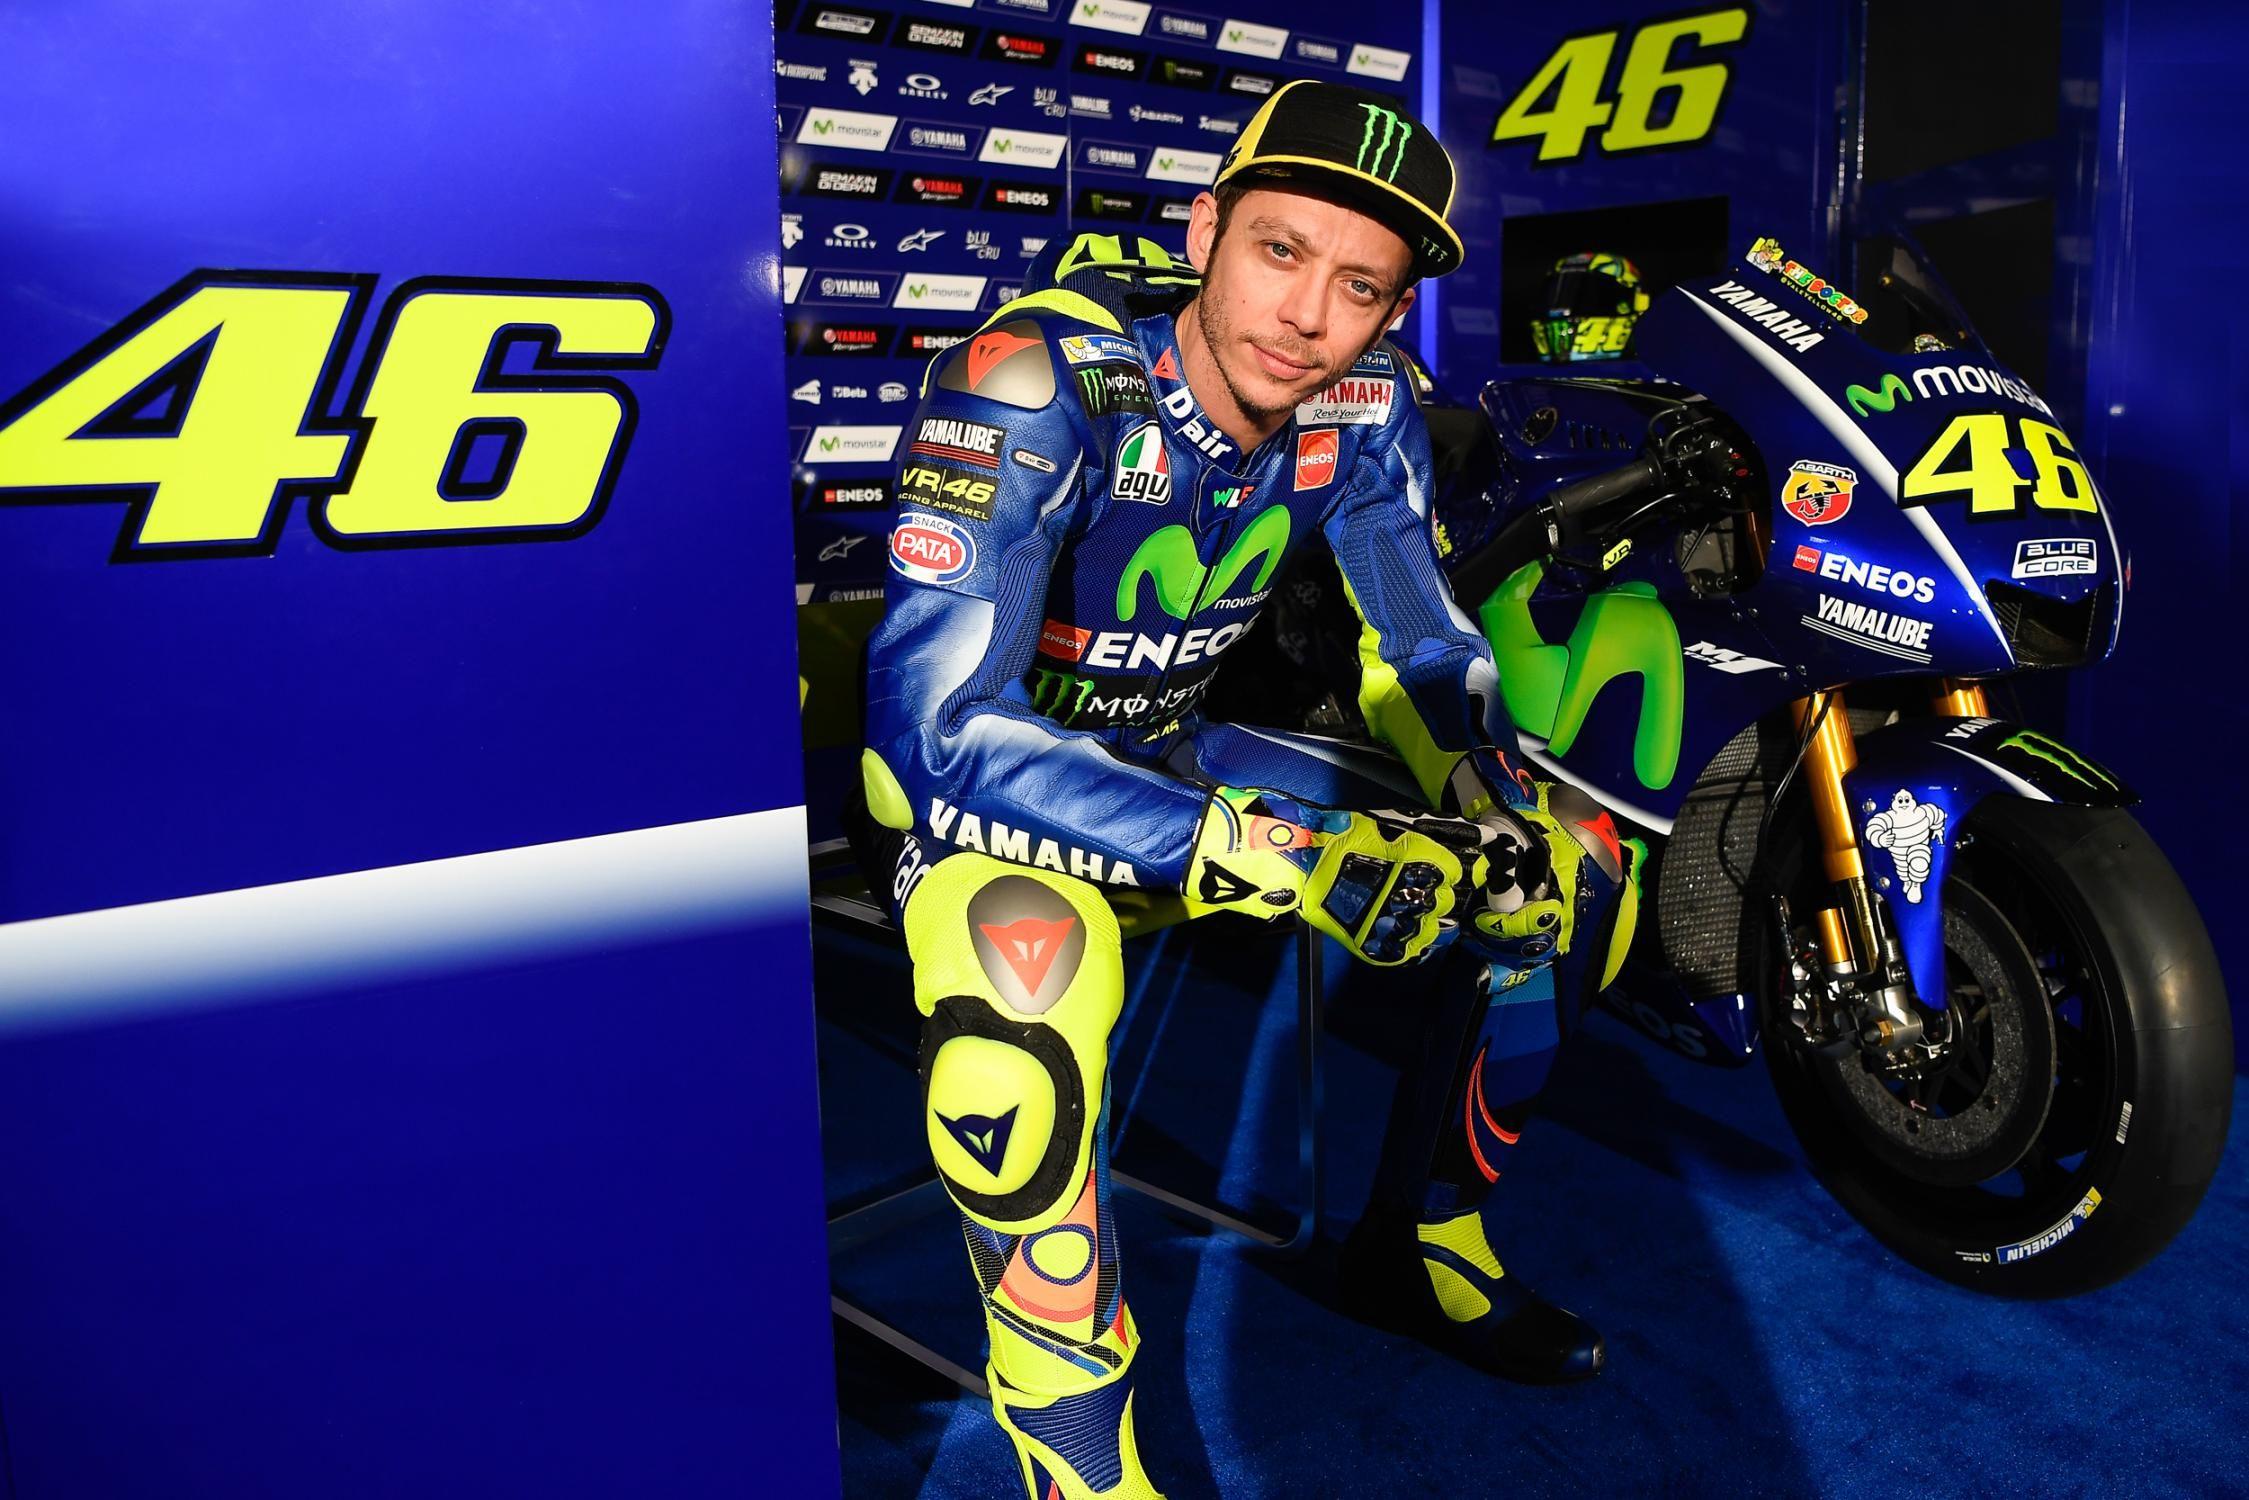 4k Ultra Hd Wallpaper Valentino Rossi Motogp 2017 For Desktop Background Pc Jpg 2249 1500 Valentino Rossi Motogp Marc Marquez